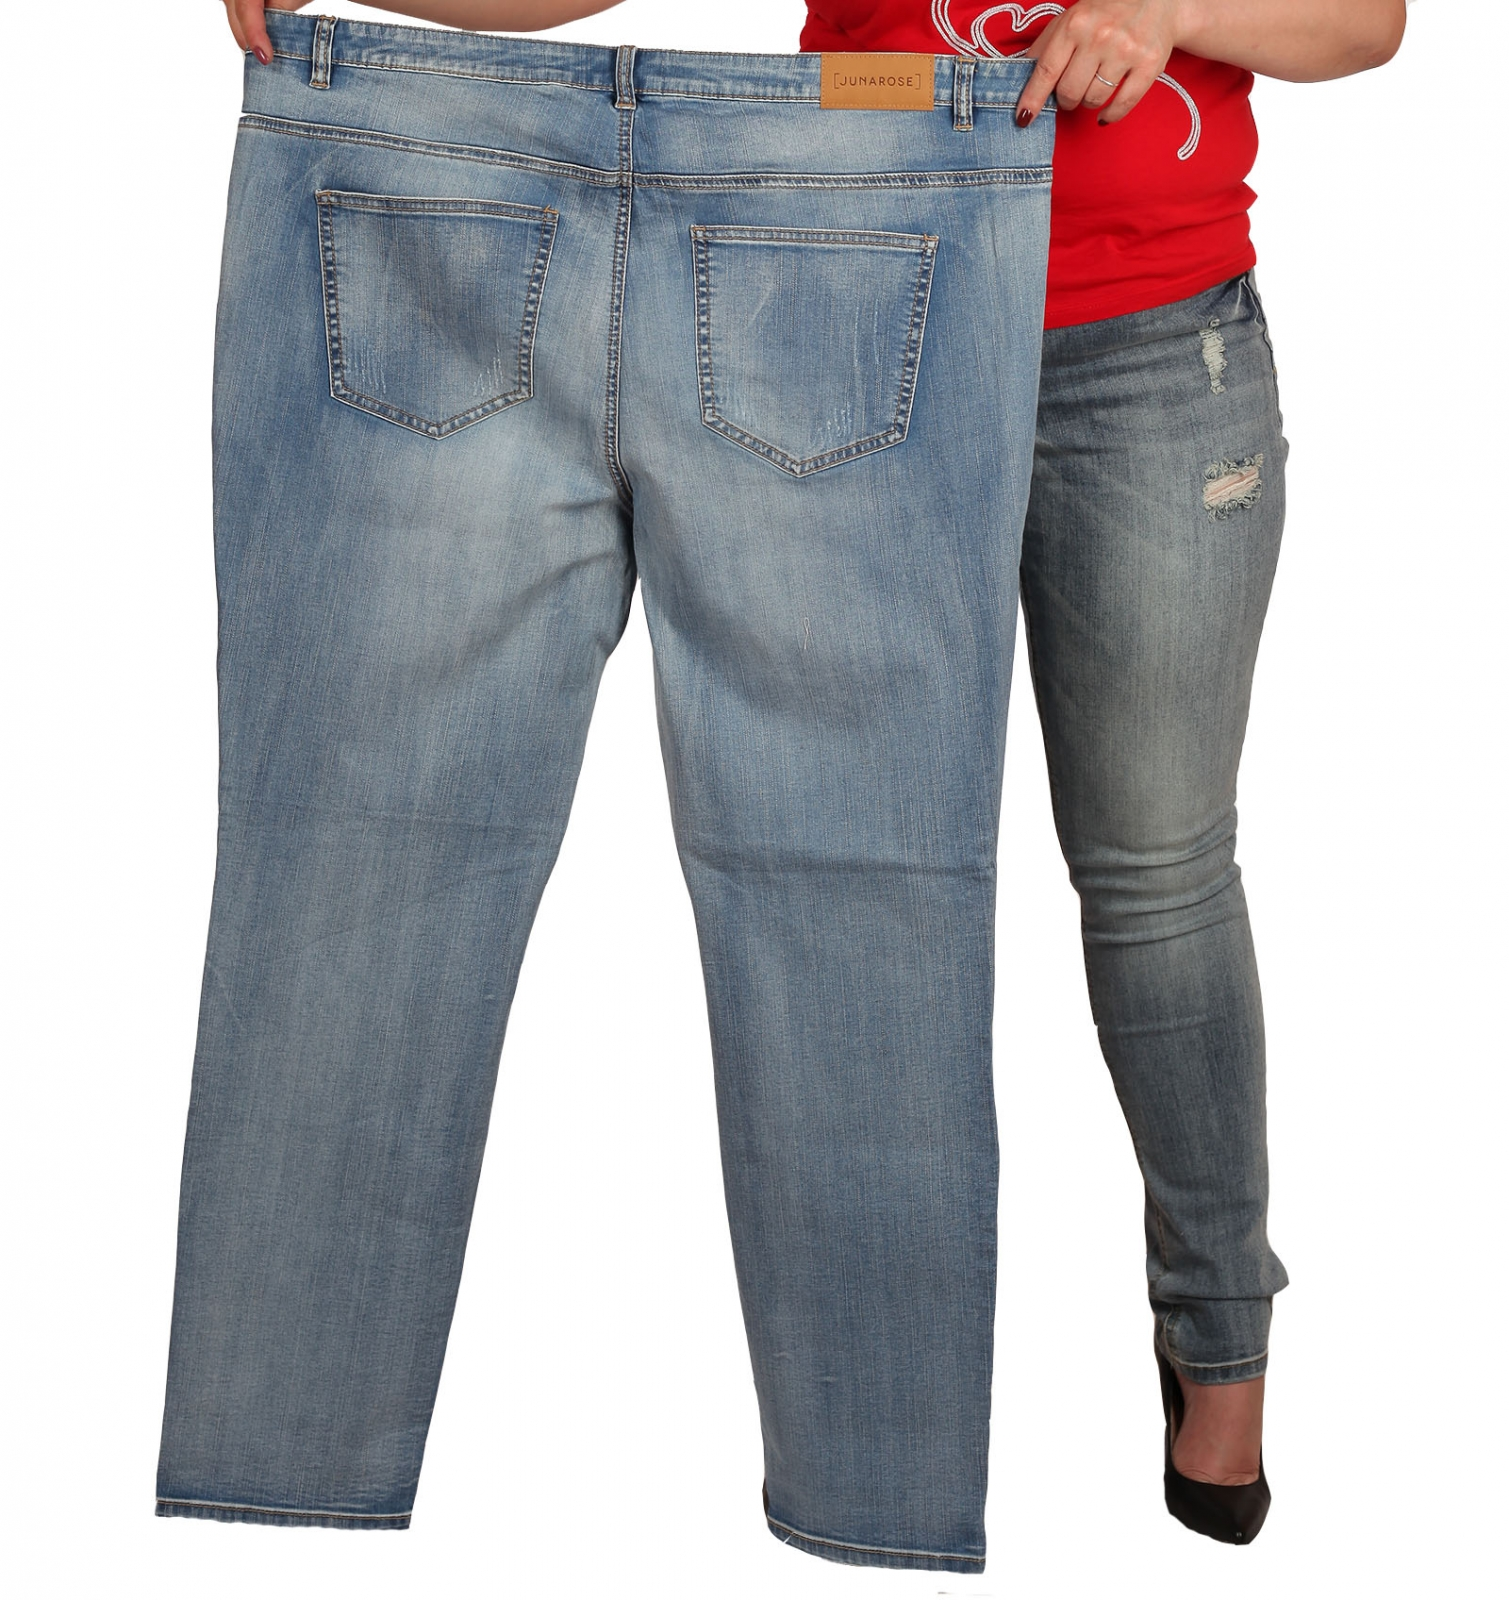 Самый большой размер джинсов для женщин уже в наличии в нашем магазине!